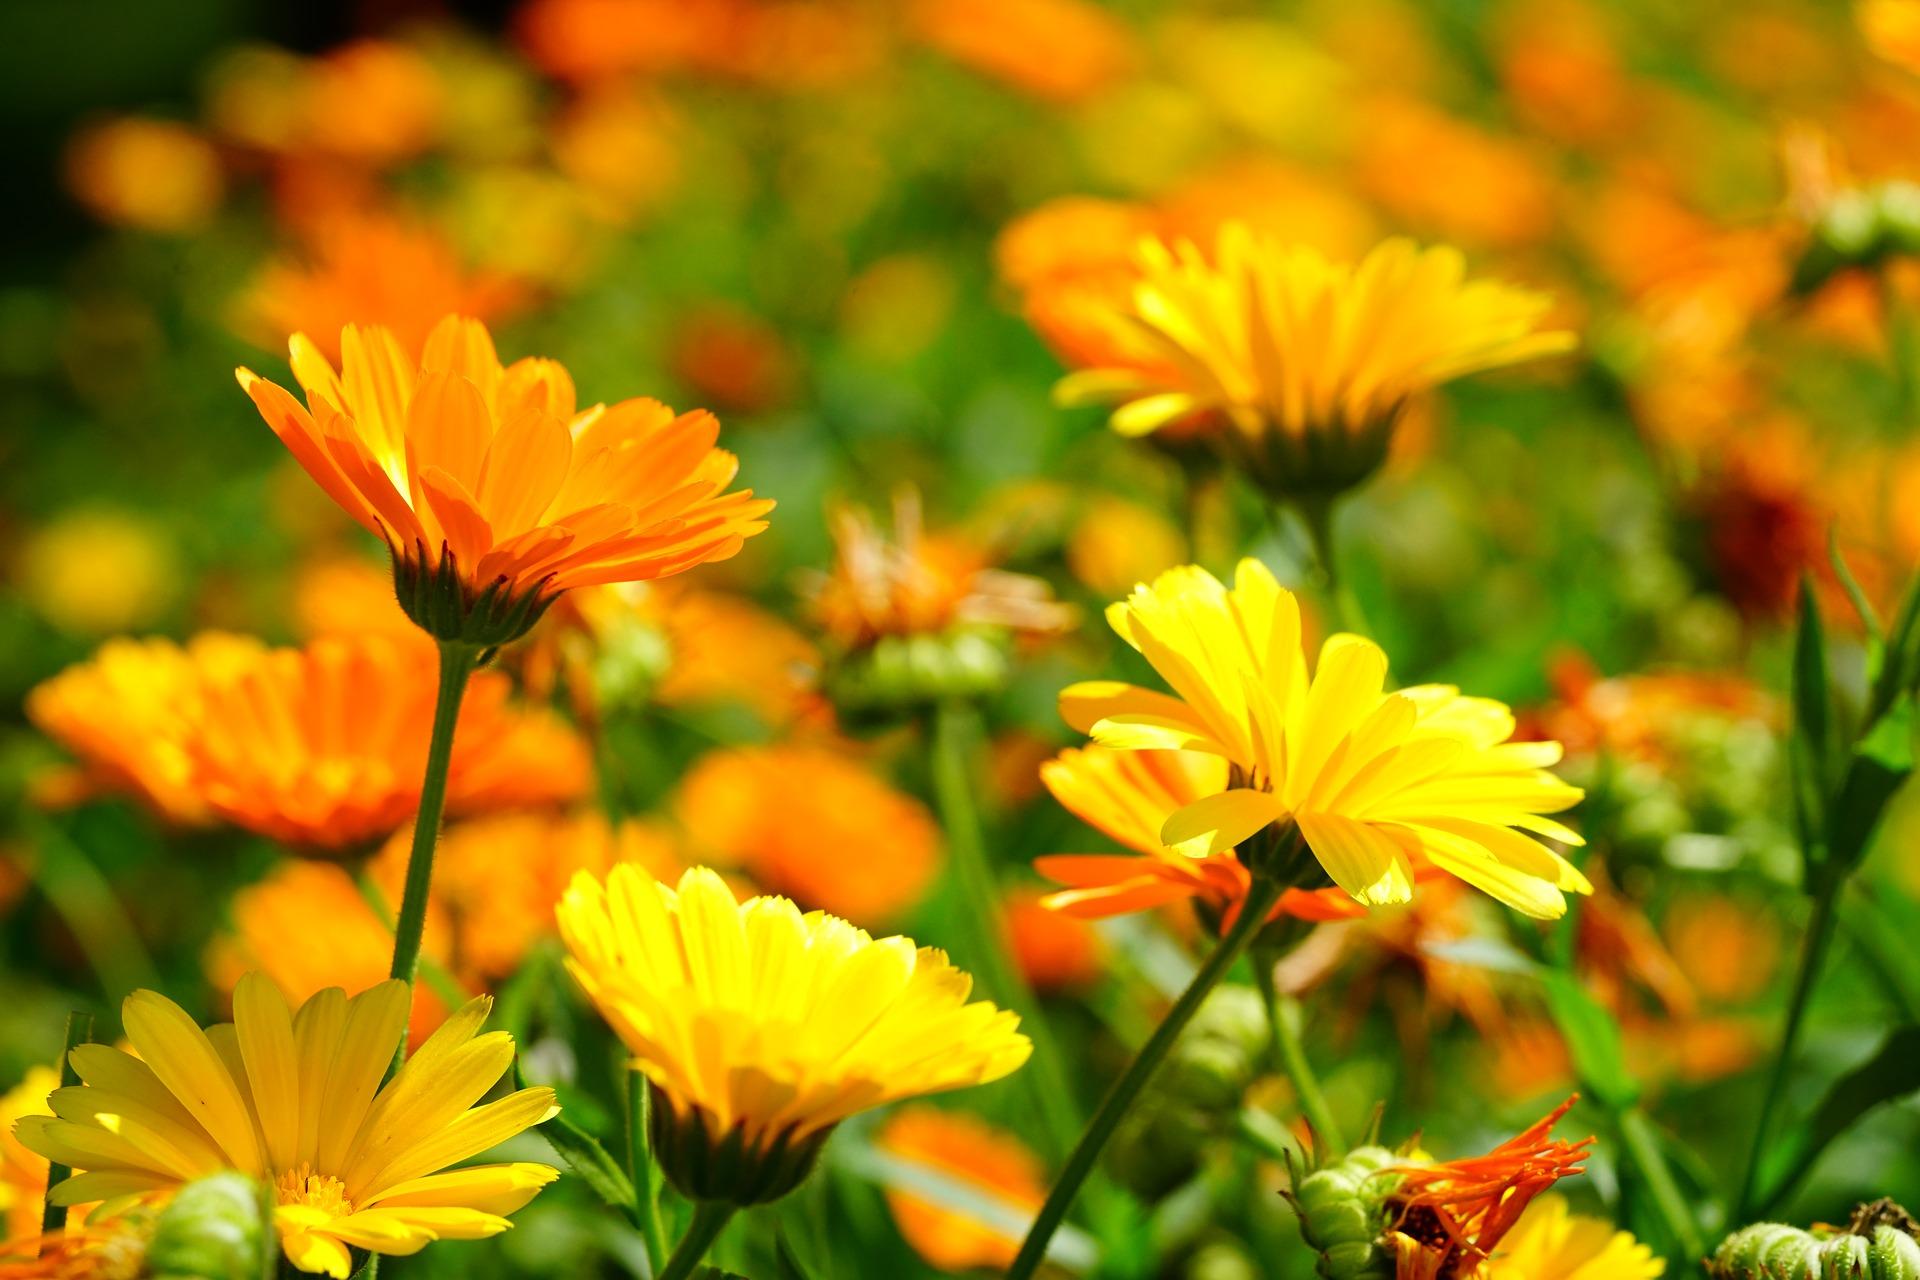 Gălbenele – flori de grădină care vindecă ZECI de BOLI. Leacul minune cu multiple proprietăți